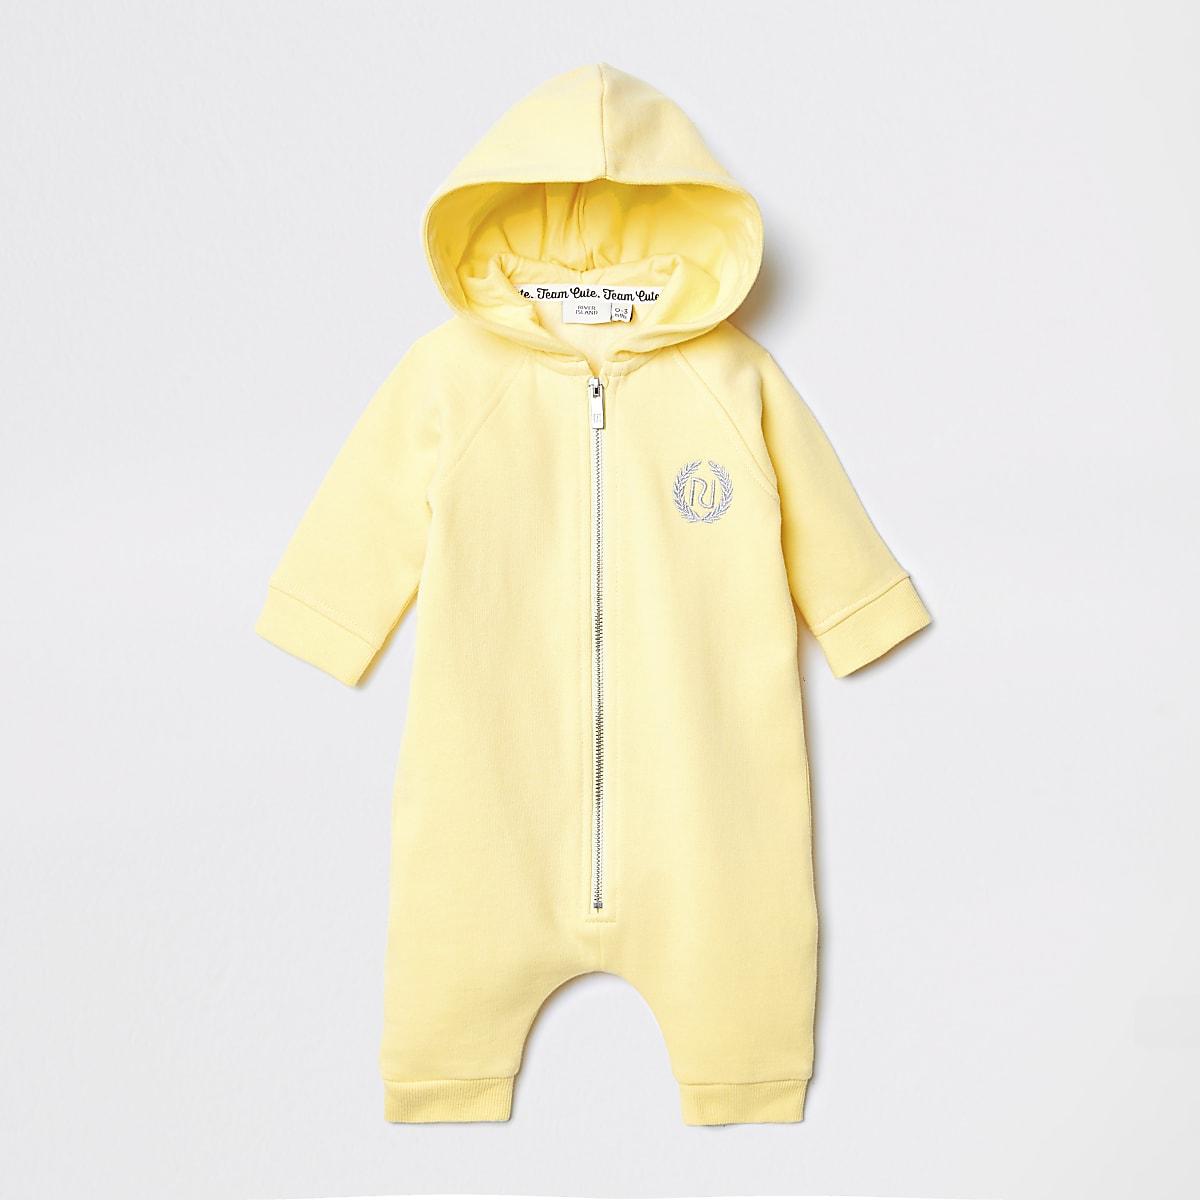 f28c107bc6aa1 Grenouillère jaune ailes d abeilles pour bébé - Grenouillères bébé ...